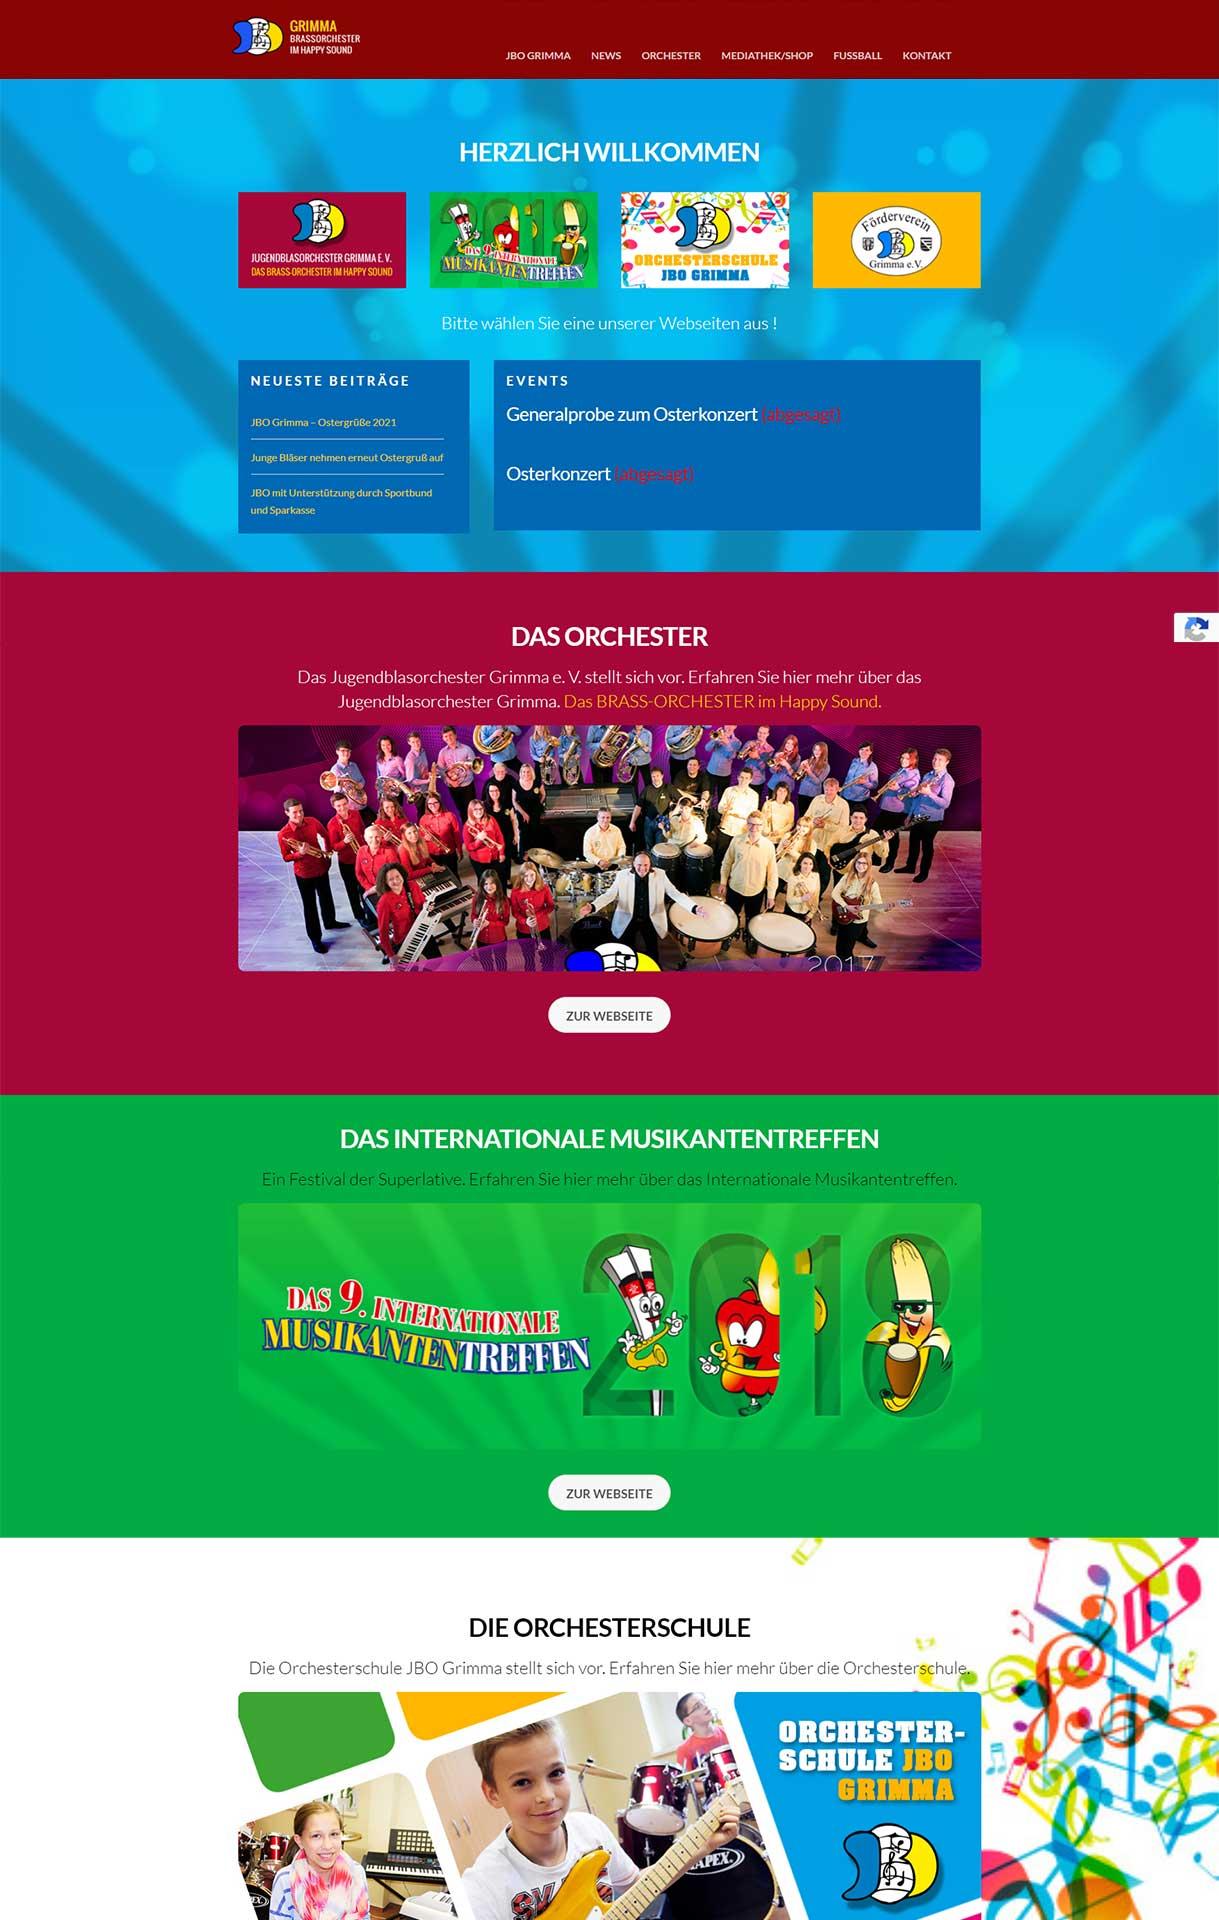 webdesign-flashlightmedia-werbeagentur-leipzig-grimma-startseite-jbo-grimma-webseite